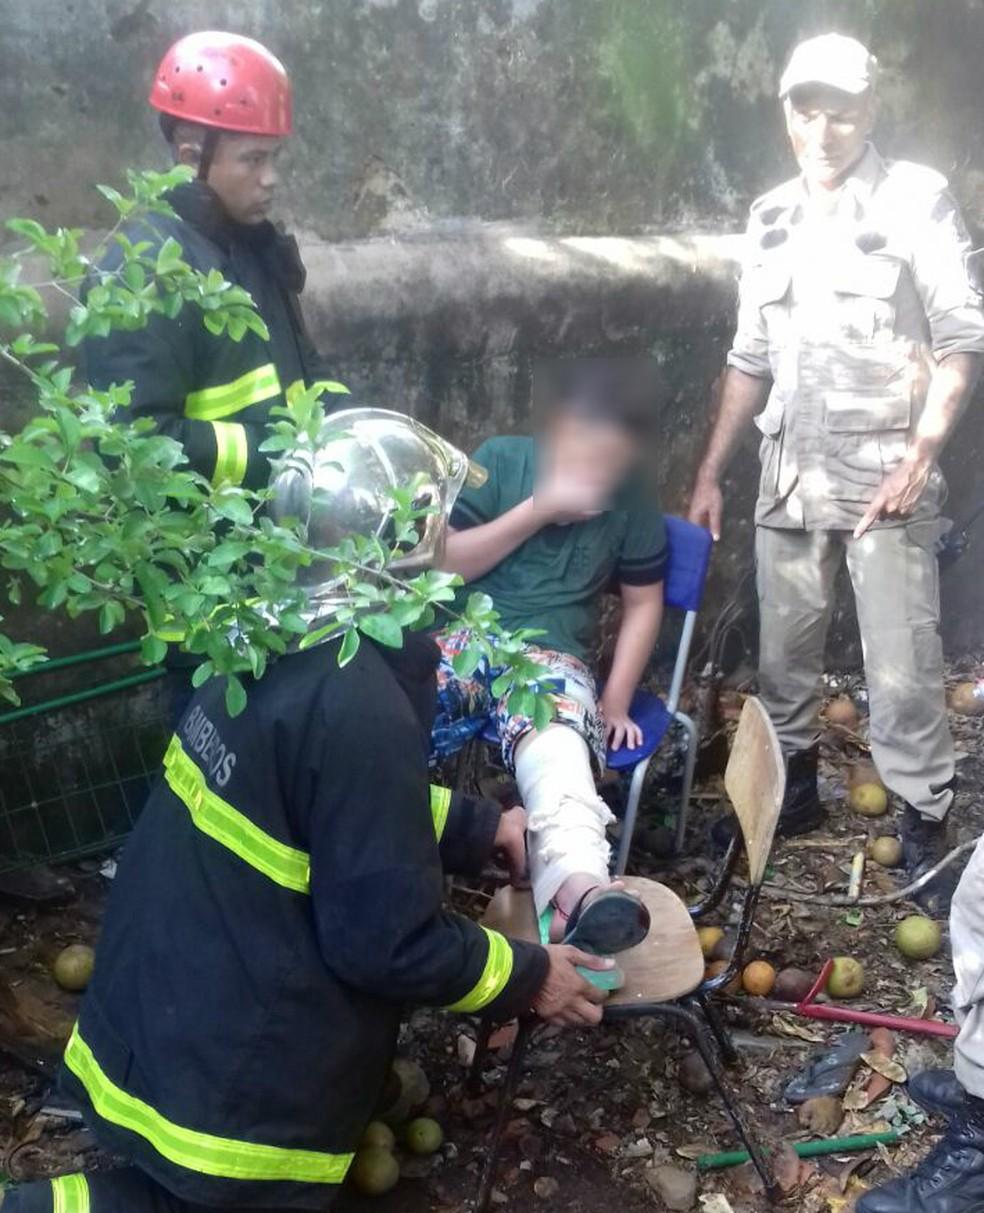 -  Adolescente precisou ser socorrido por bombeiros após se ferir com barra de aço  Foto: Corpo de Bombeiros de MT/Divulgação